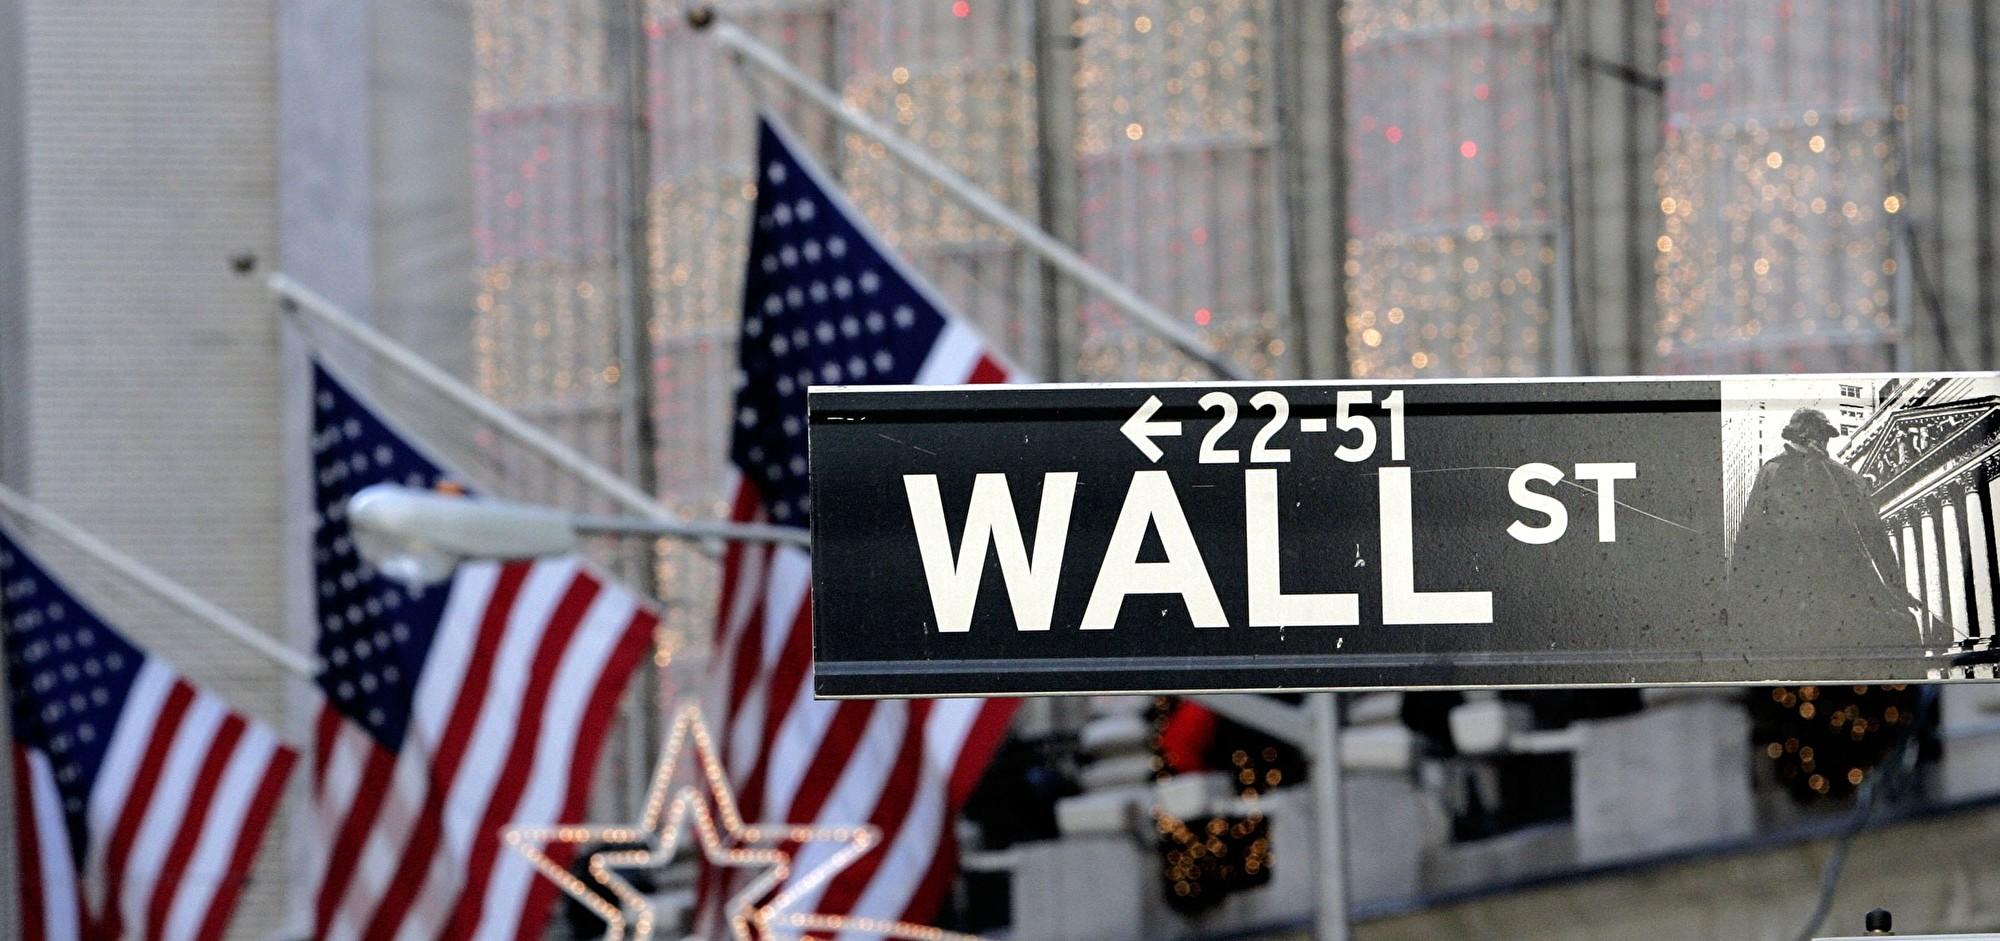 隨著美中貿易緊張關係降溫和美股不斷創新高,華爾街投行陸續發布看好明年展望的報告,其中,高盛樂觀預估2020年全球經濟可增長3.4%。(Stephen Chernin/Getty Images)